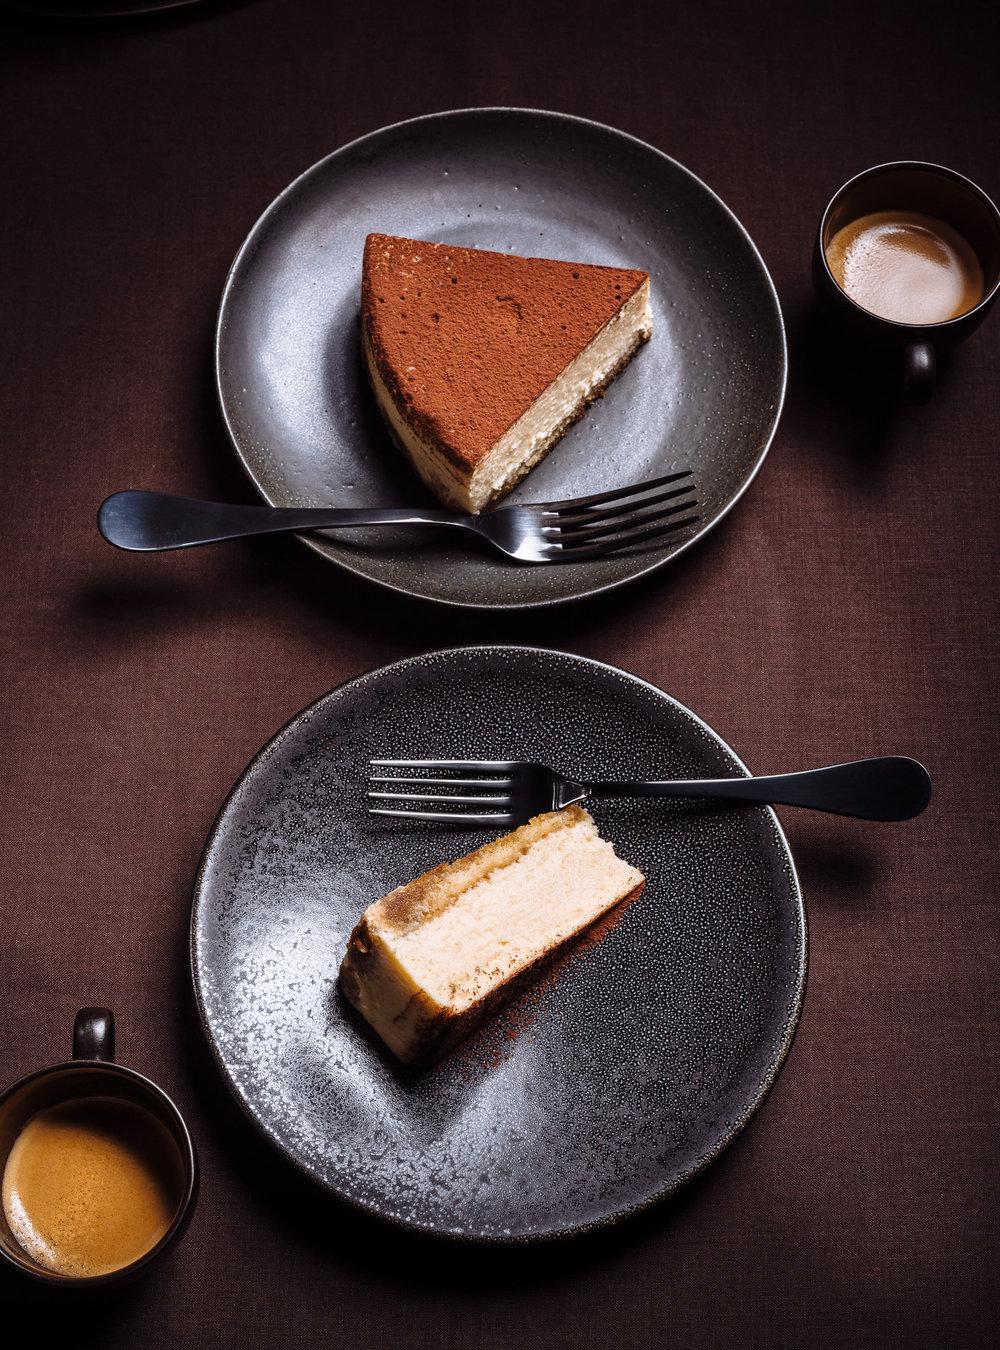 Gâteau au fromage tiramisu | ricardo